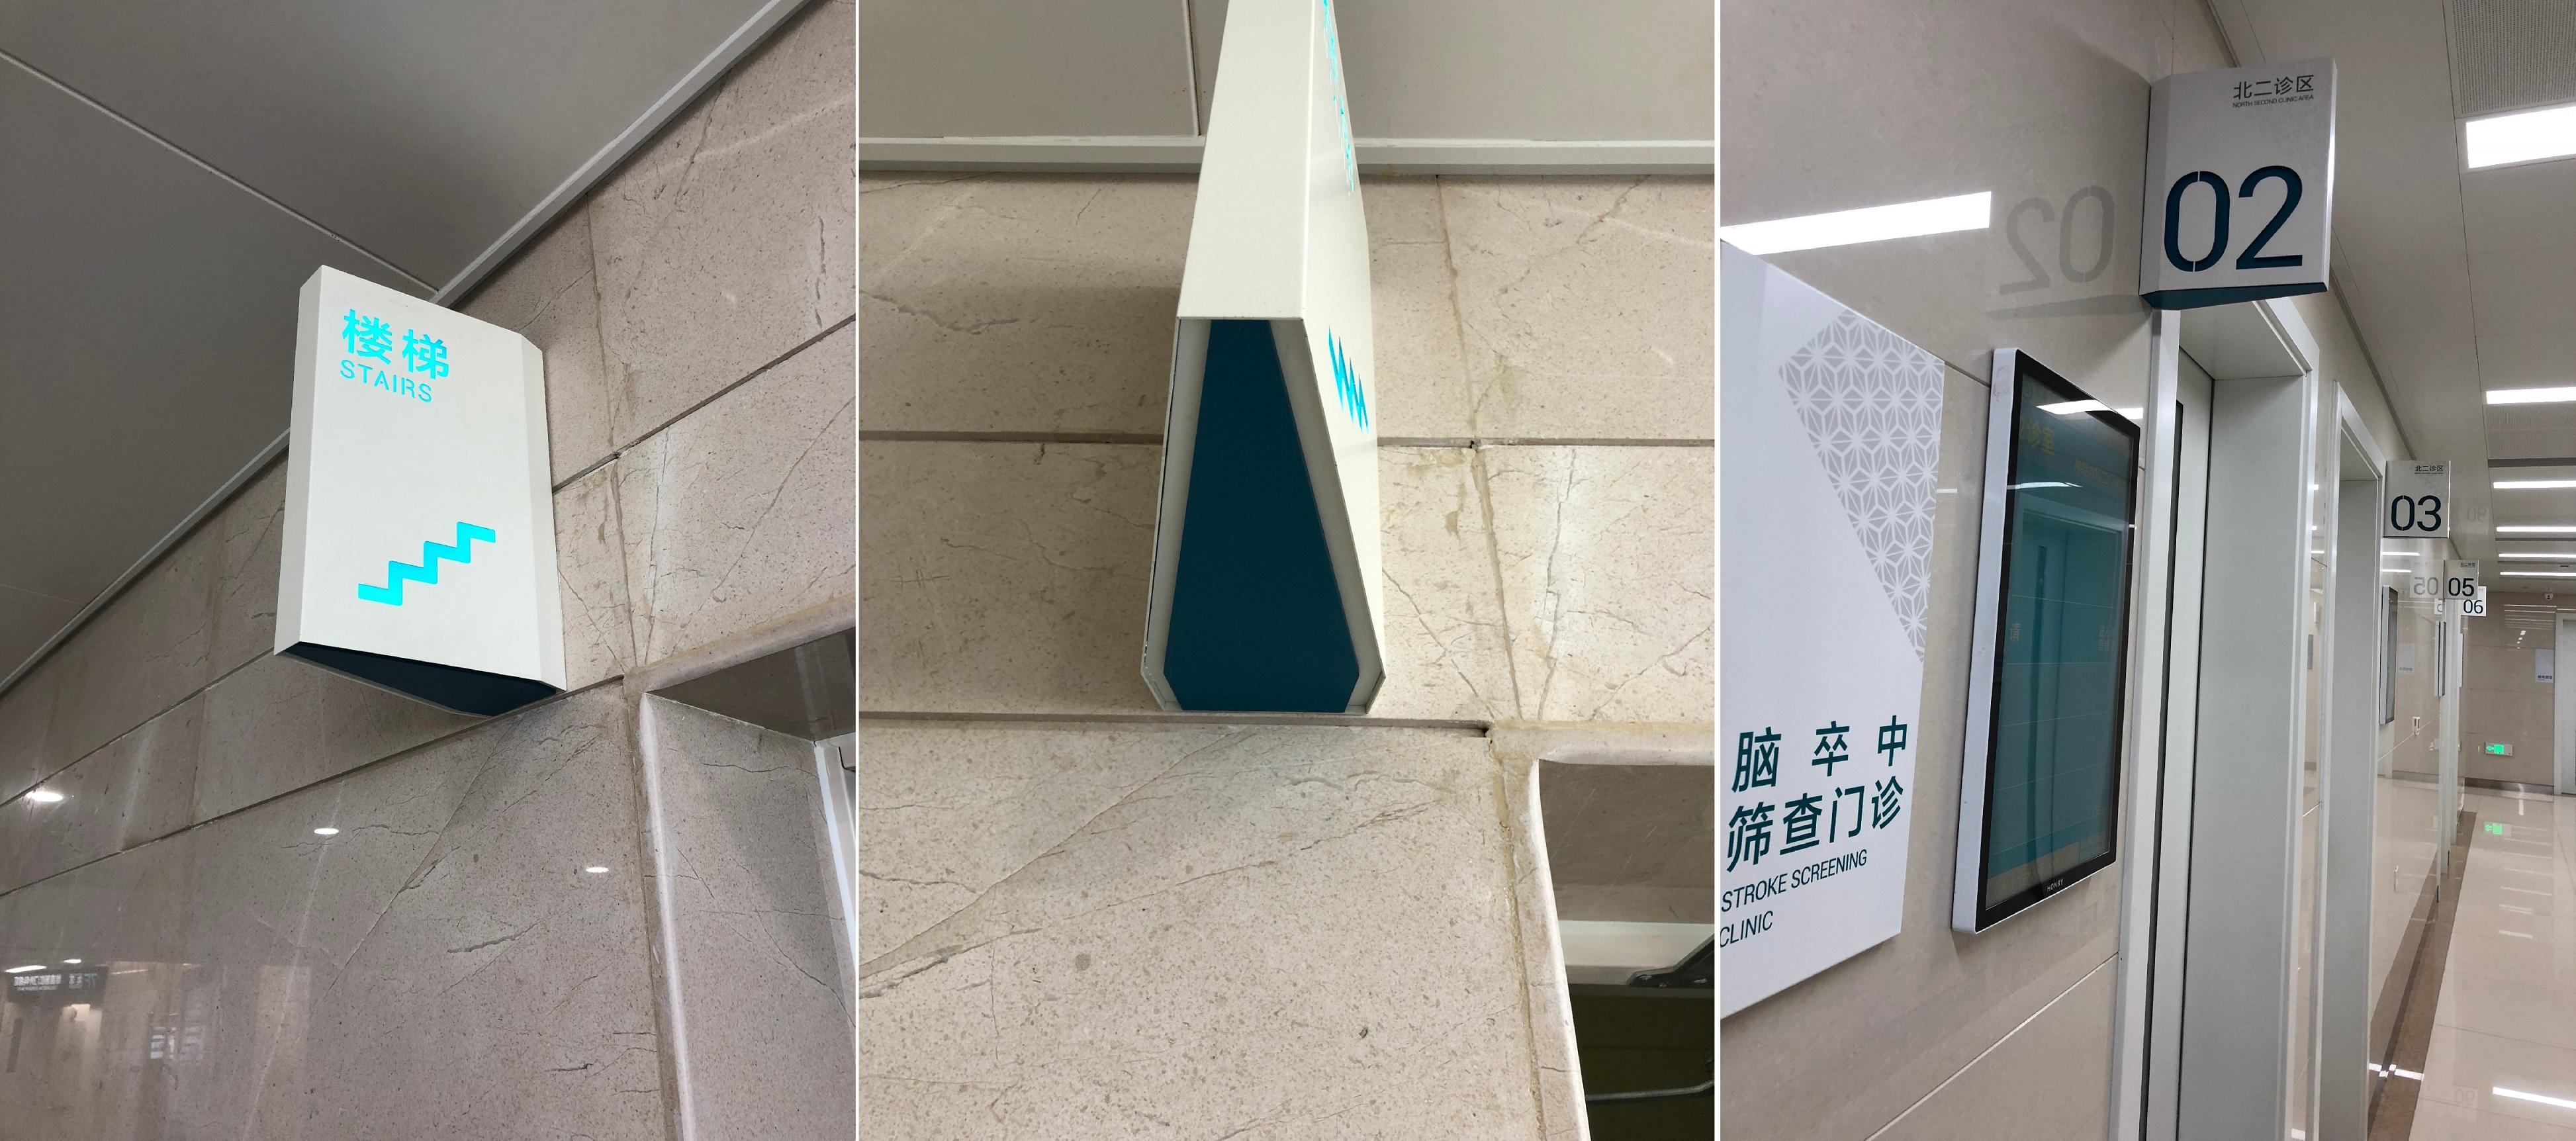 医院标识导视系统设计